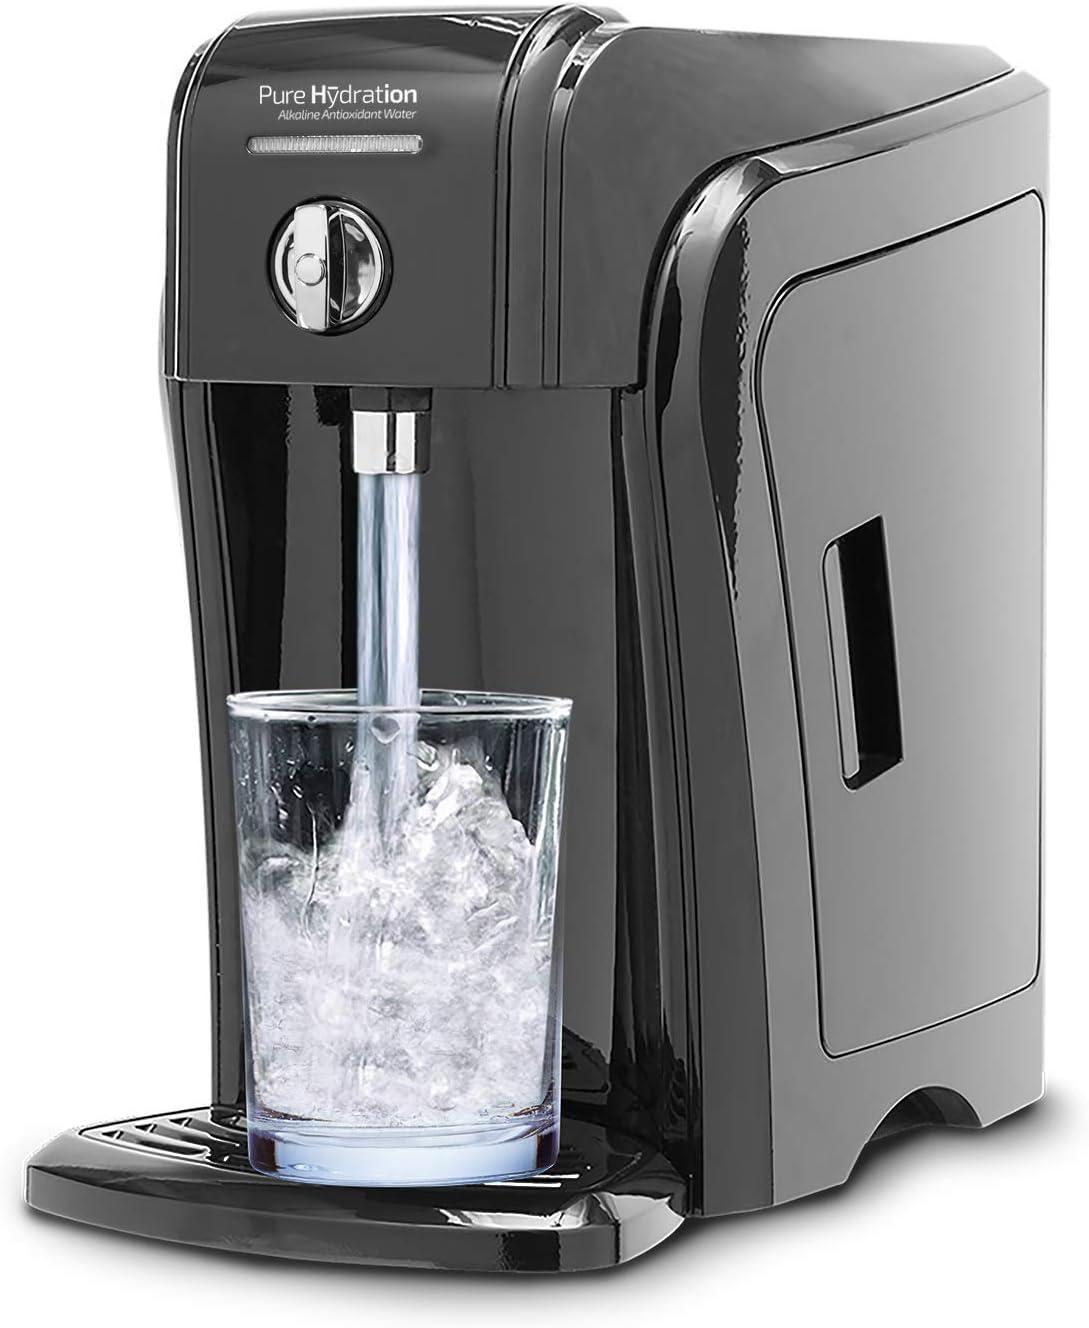 Pure Hydration Next Generation by Cosan/USA